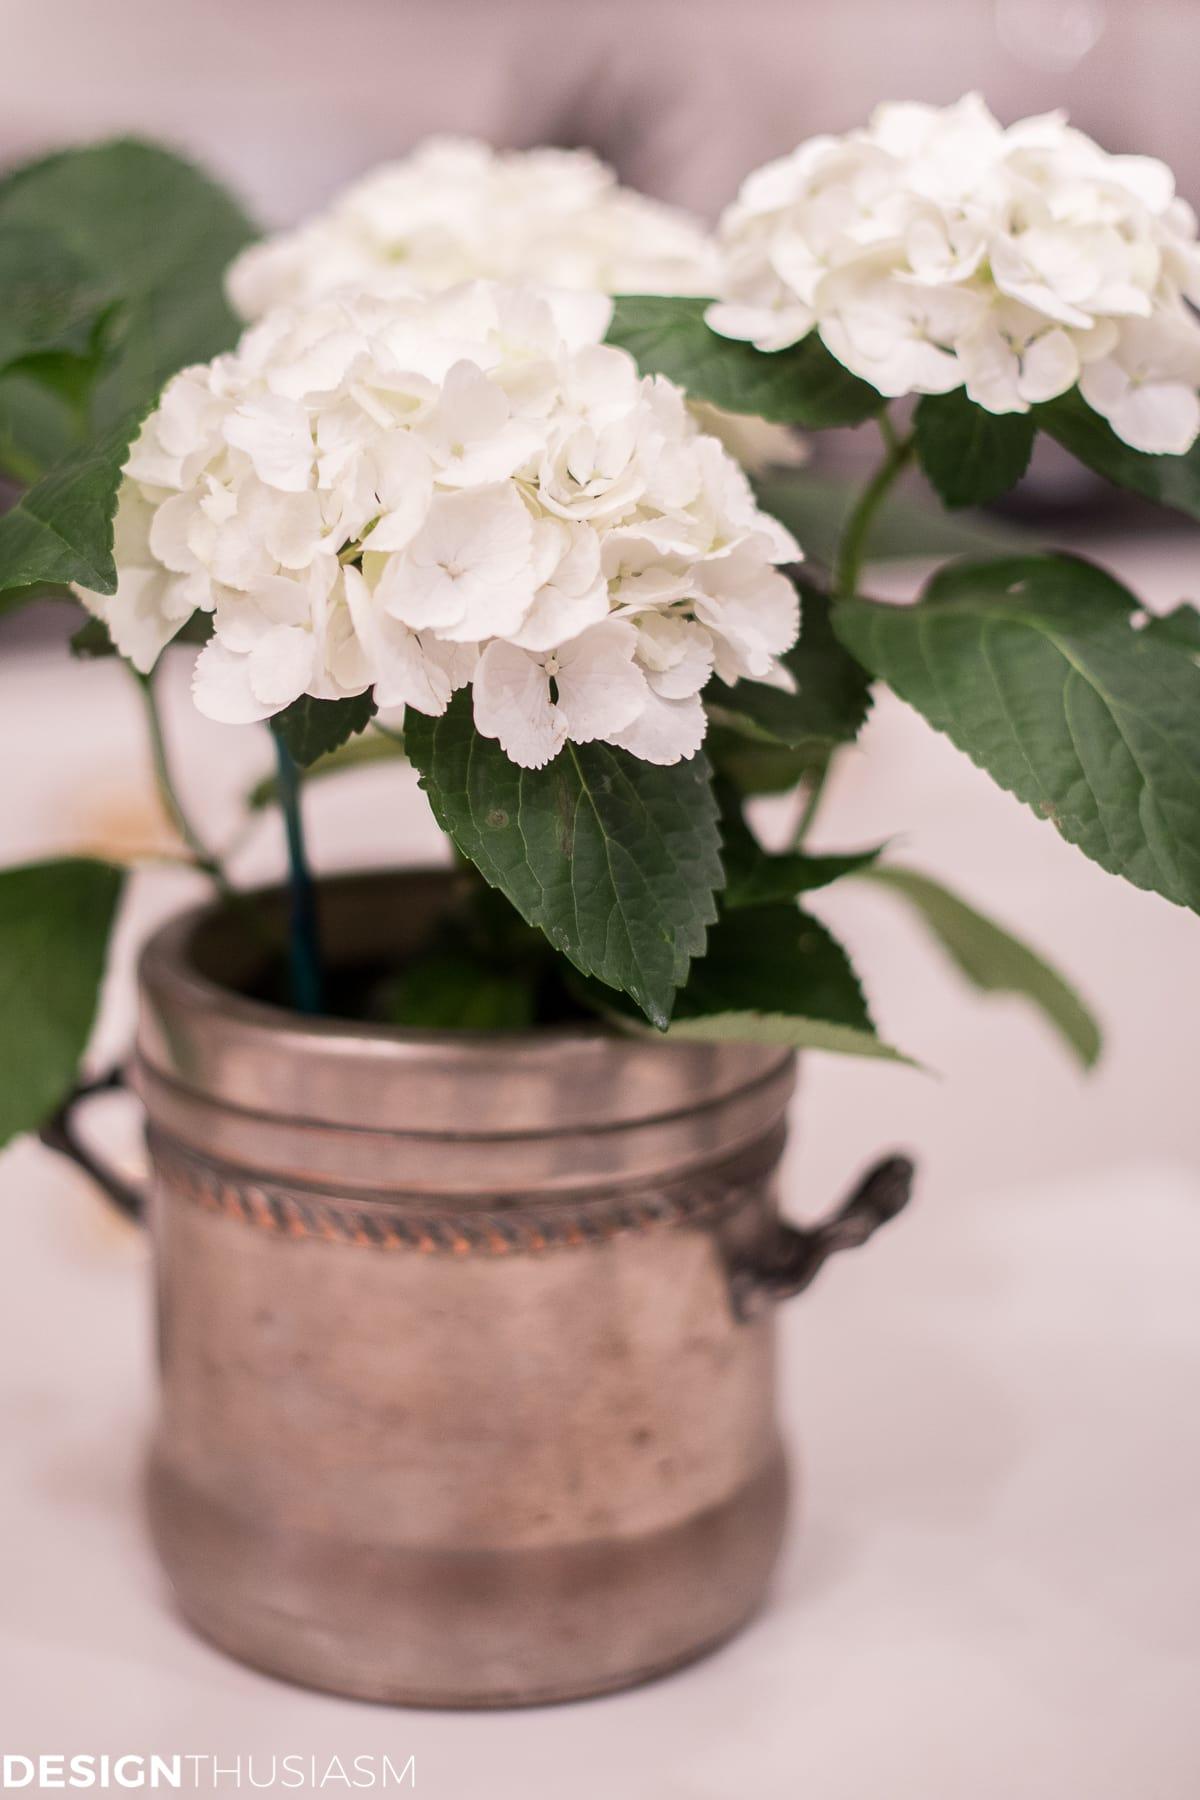 White hydrangea - designthusiasm.com